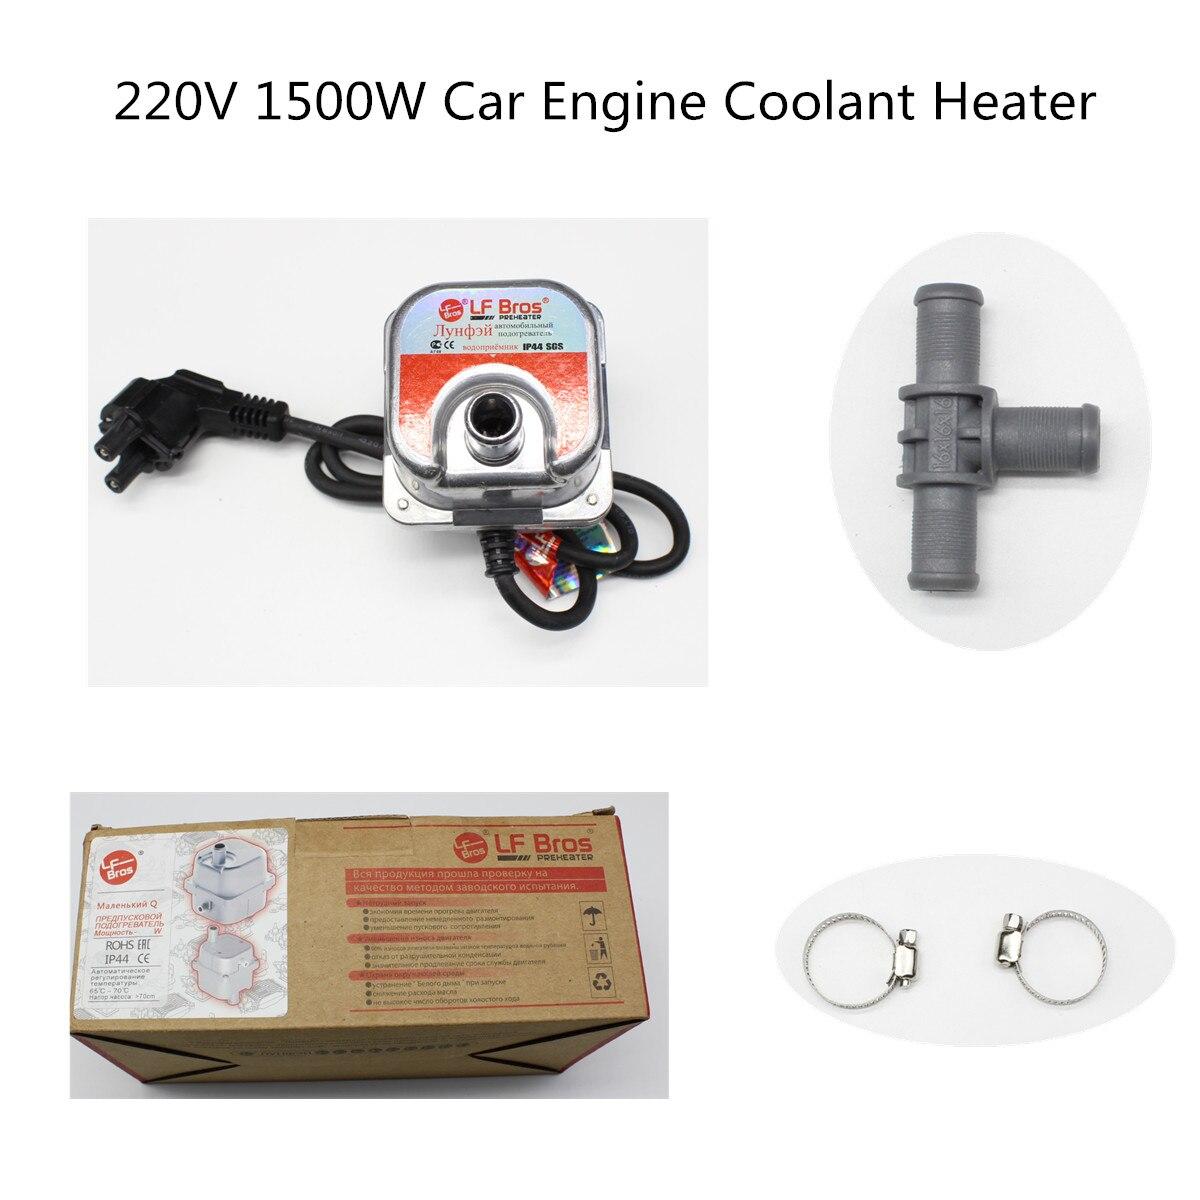 Calentador de coche de alta potencia 220 V EU electric 1500 W, precalentador de estacionamiento para Motor webasto, calentador de agua para Motor diesel de gasolina, calefacción de coche